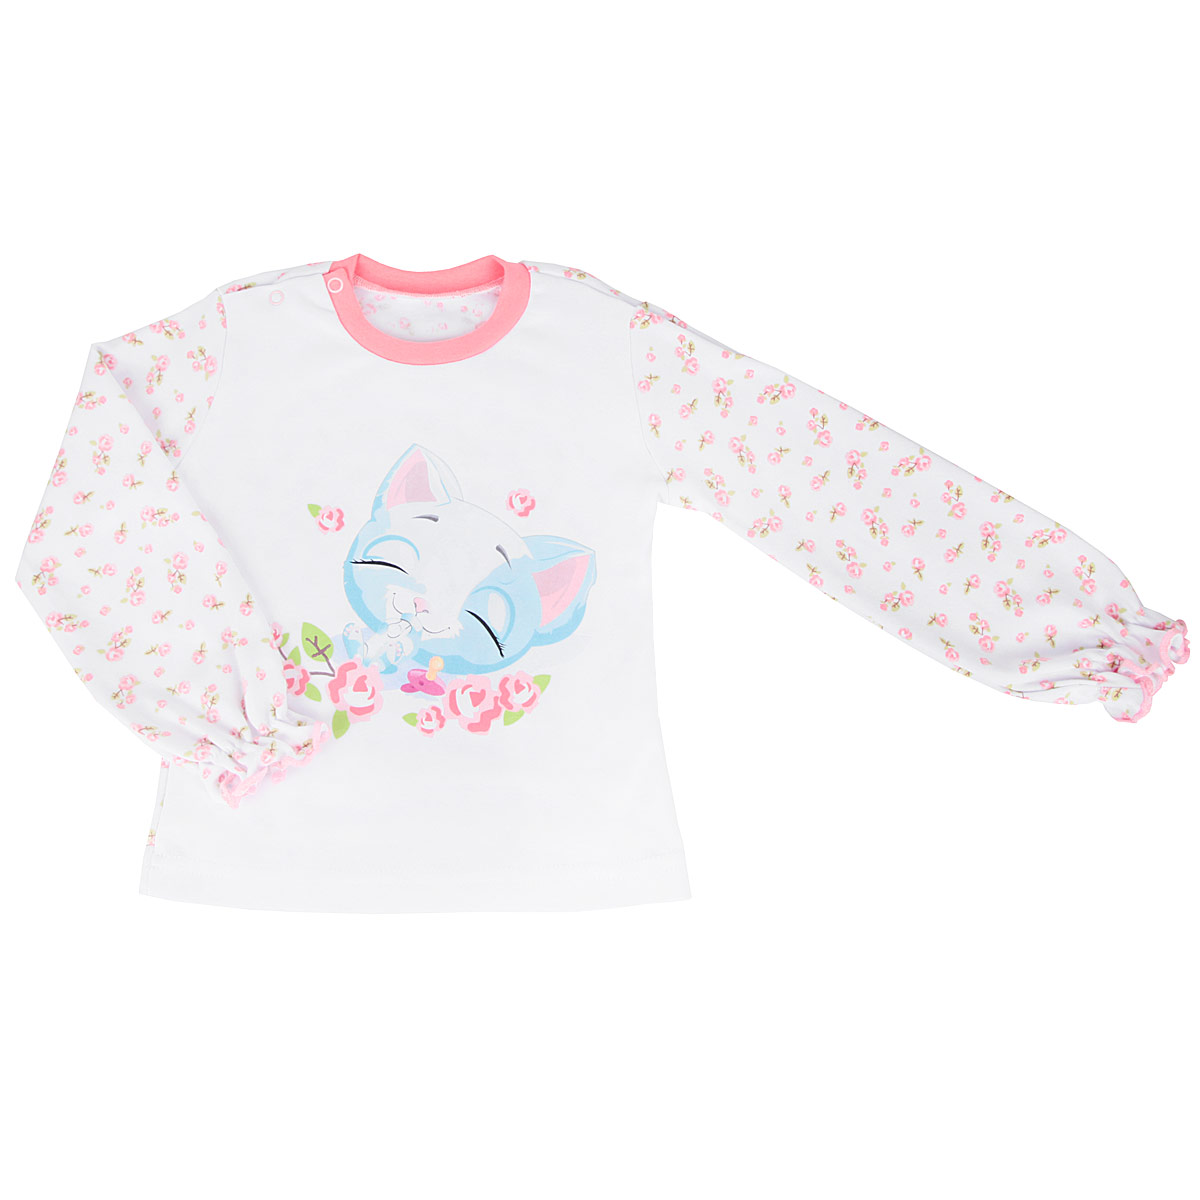 Кофточка для девочки КотМарКот, цвет: белый, лососевый. 3766. Размер 68, 3-6 месяцев распашонка для девочки котмаркот дрим цвет розовый белый 4270 размер 68 3 6 месяцев